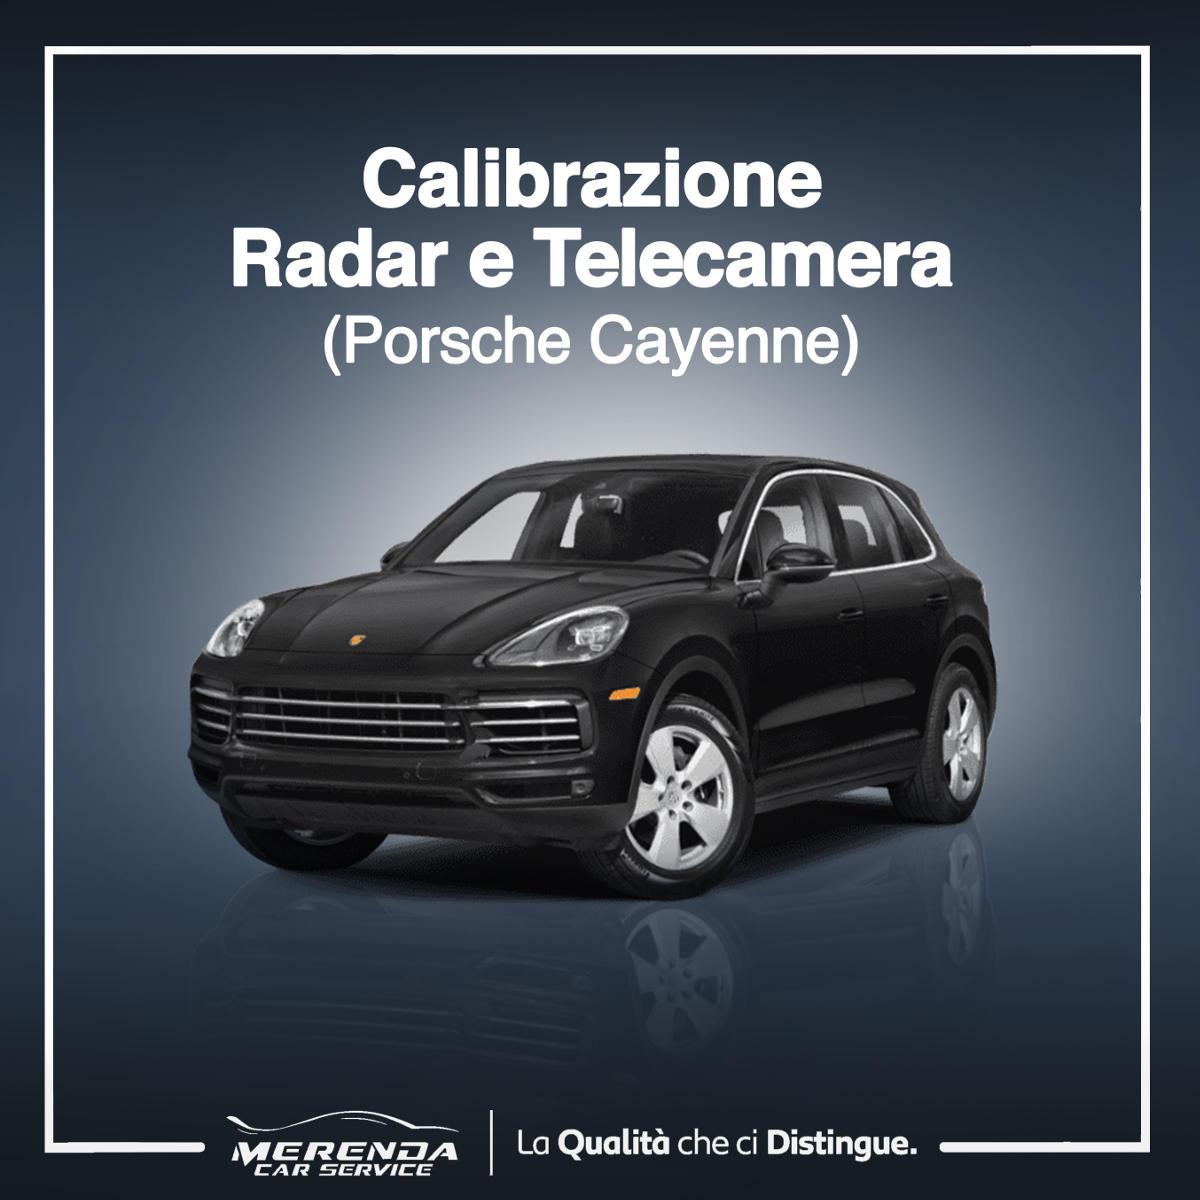 Calibrazione Radar e Telecamera Porsche Cayenne